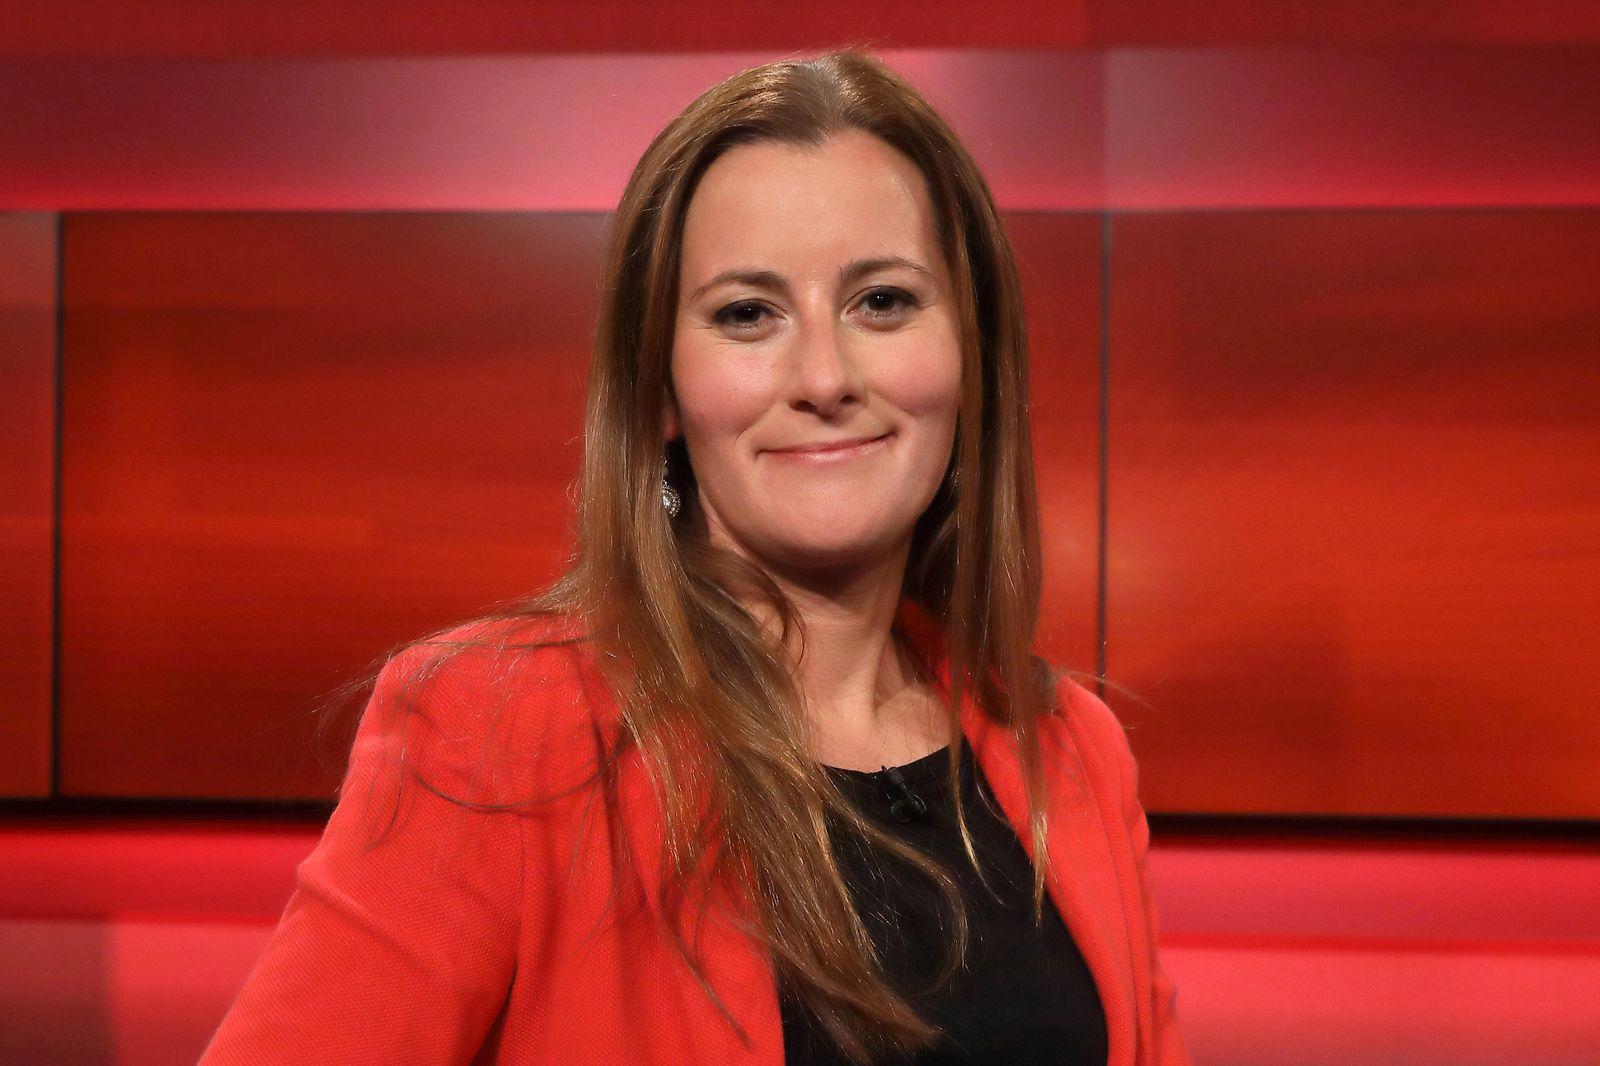 Janine Wissler (Fraktionsvorsitzende im Hessischen Landtag, DIE LINKE.) in der ARD-Talkshow hart aber fair am 14.10.2019